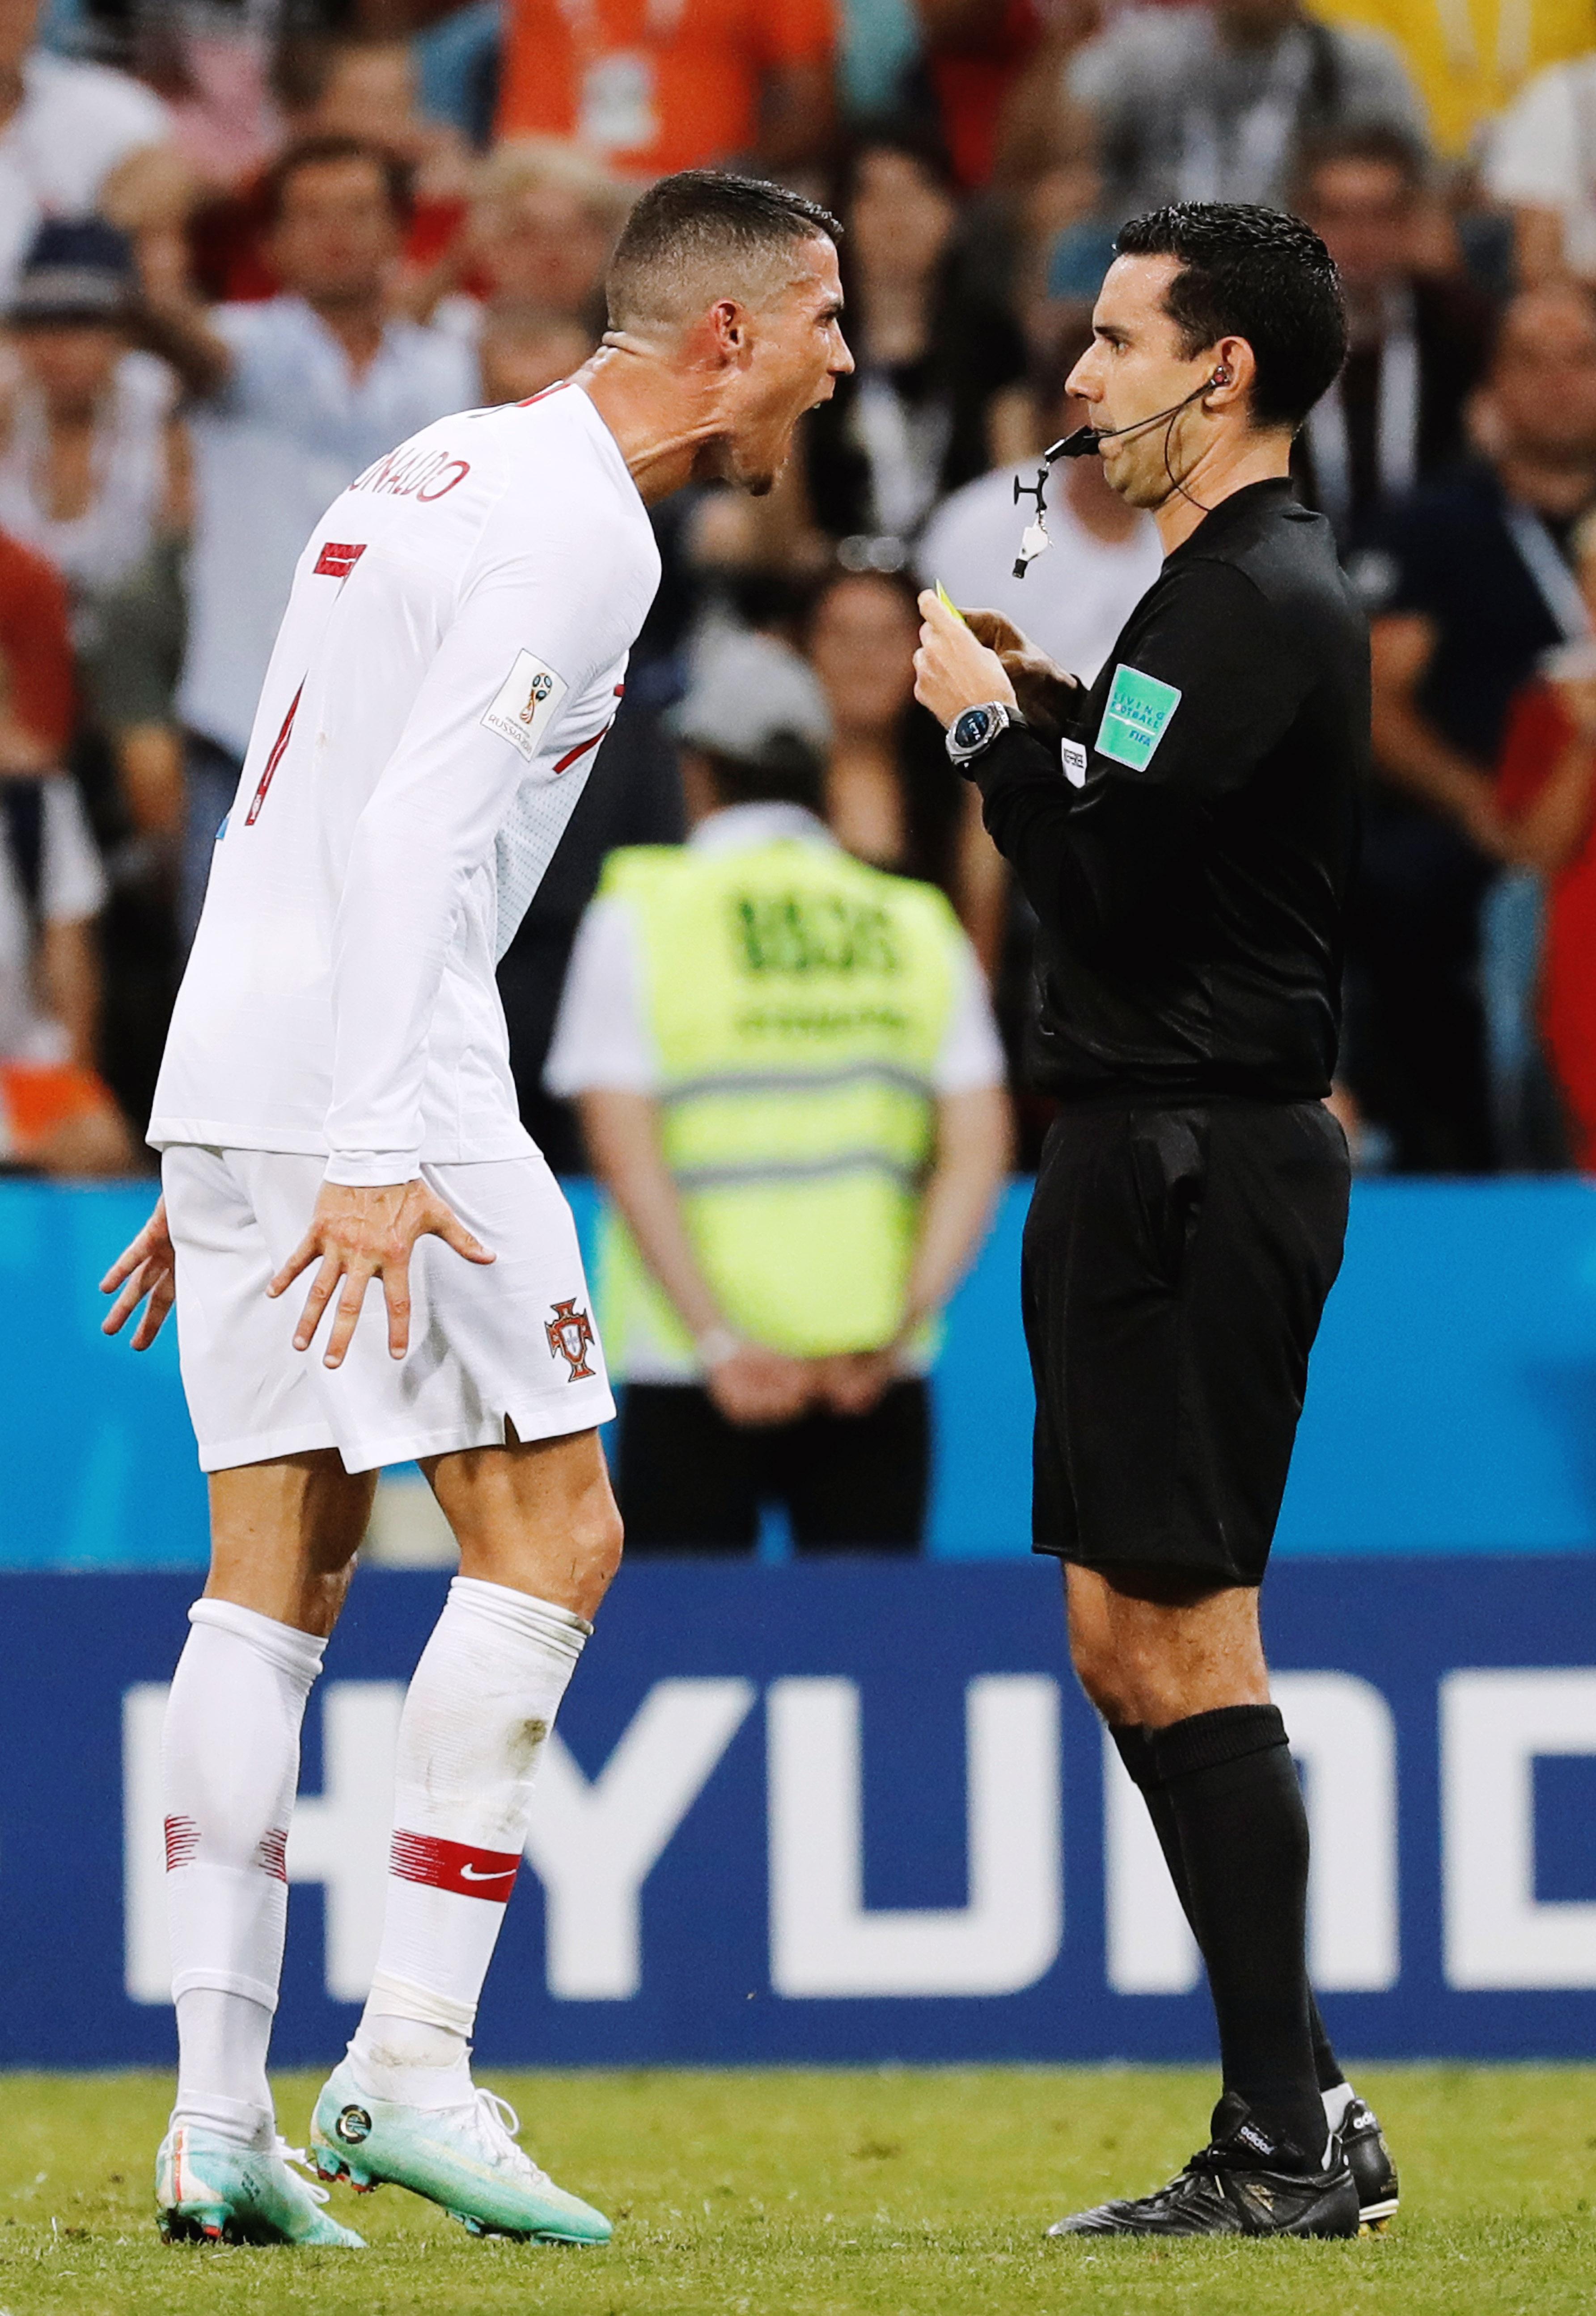 Роналду спорит сарбитром во время матча Португалия — Уругвай